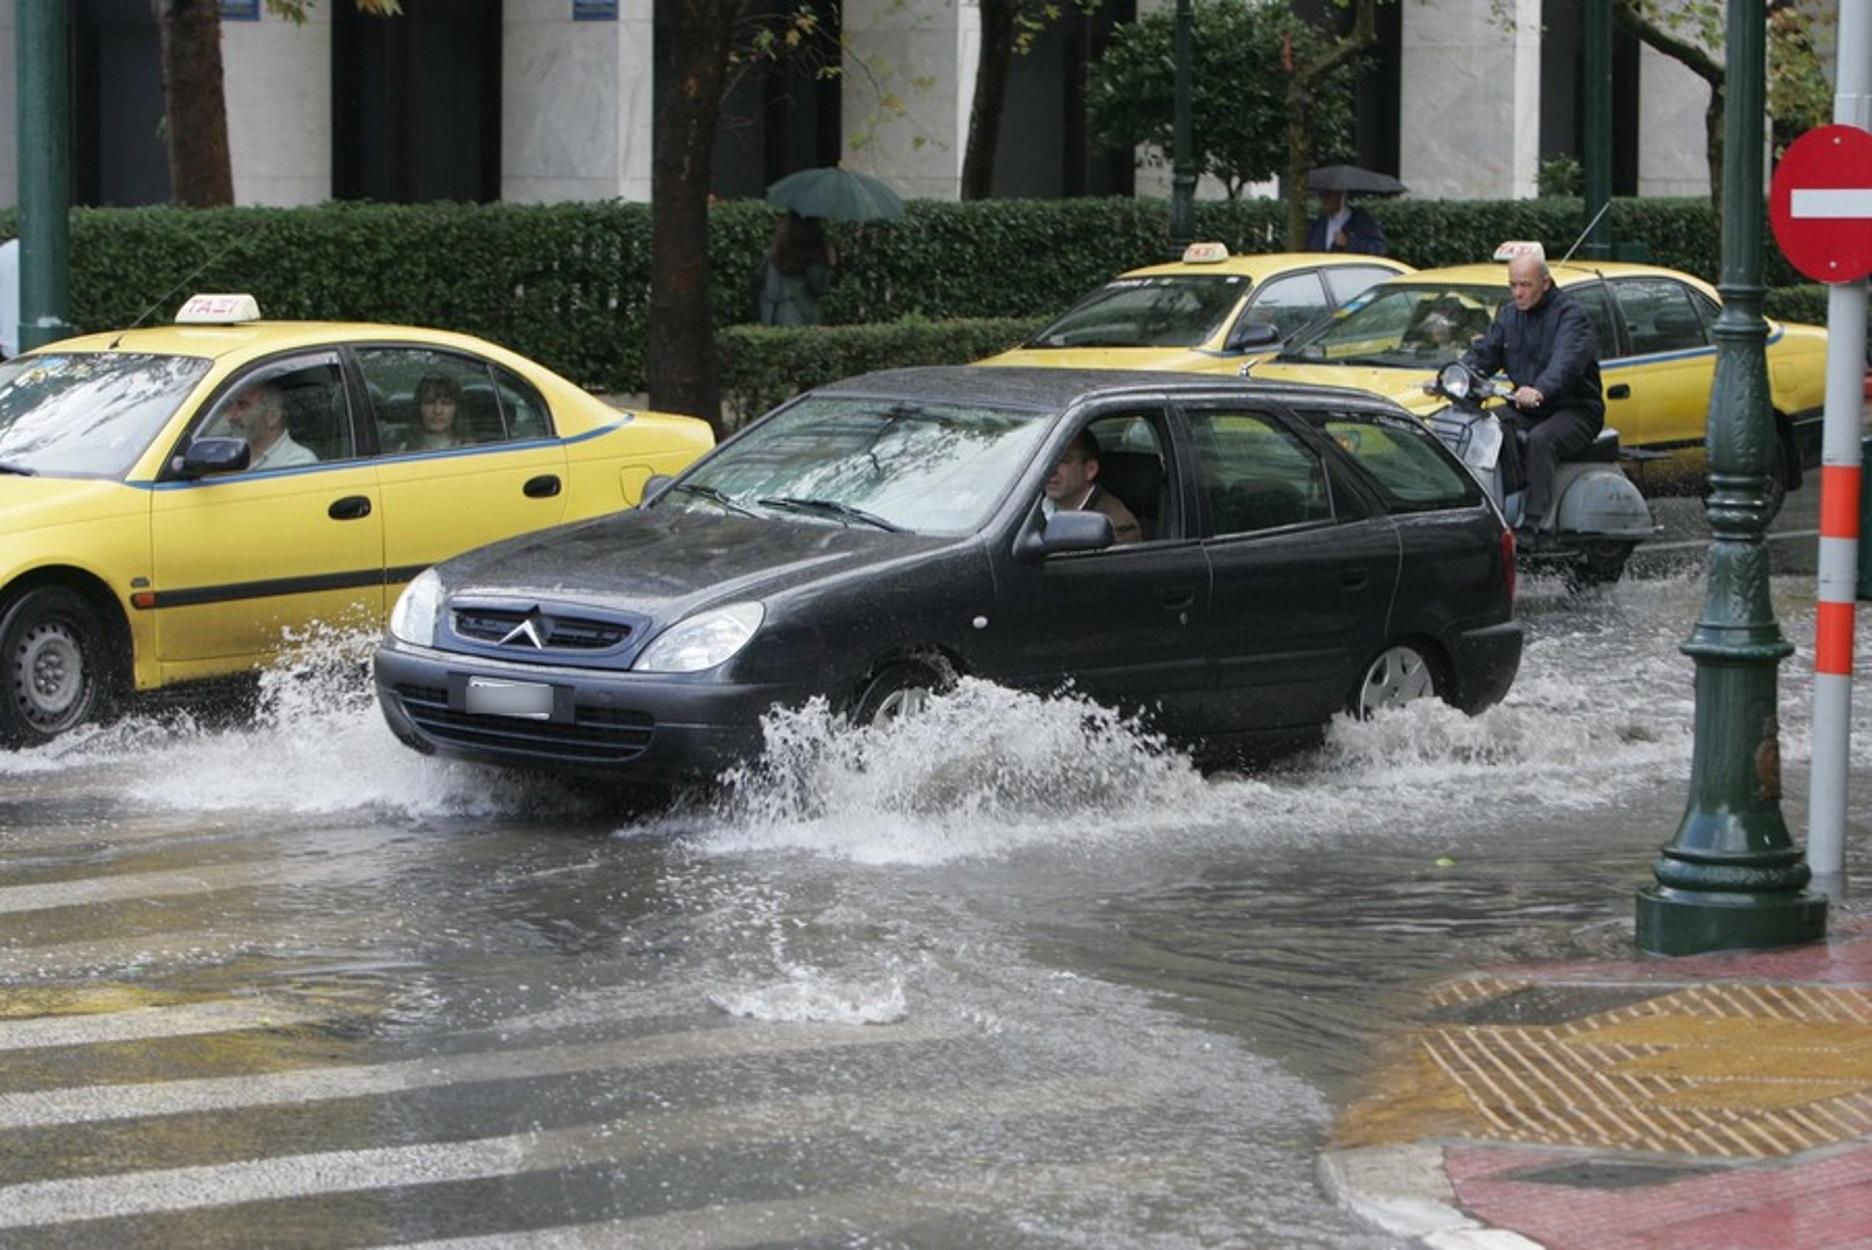 Καιρός αύριο: Έρχονται βροχές και καταιγίδες – Πέφτει η θερμοκρασία